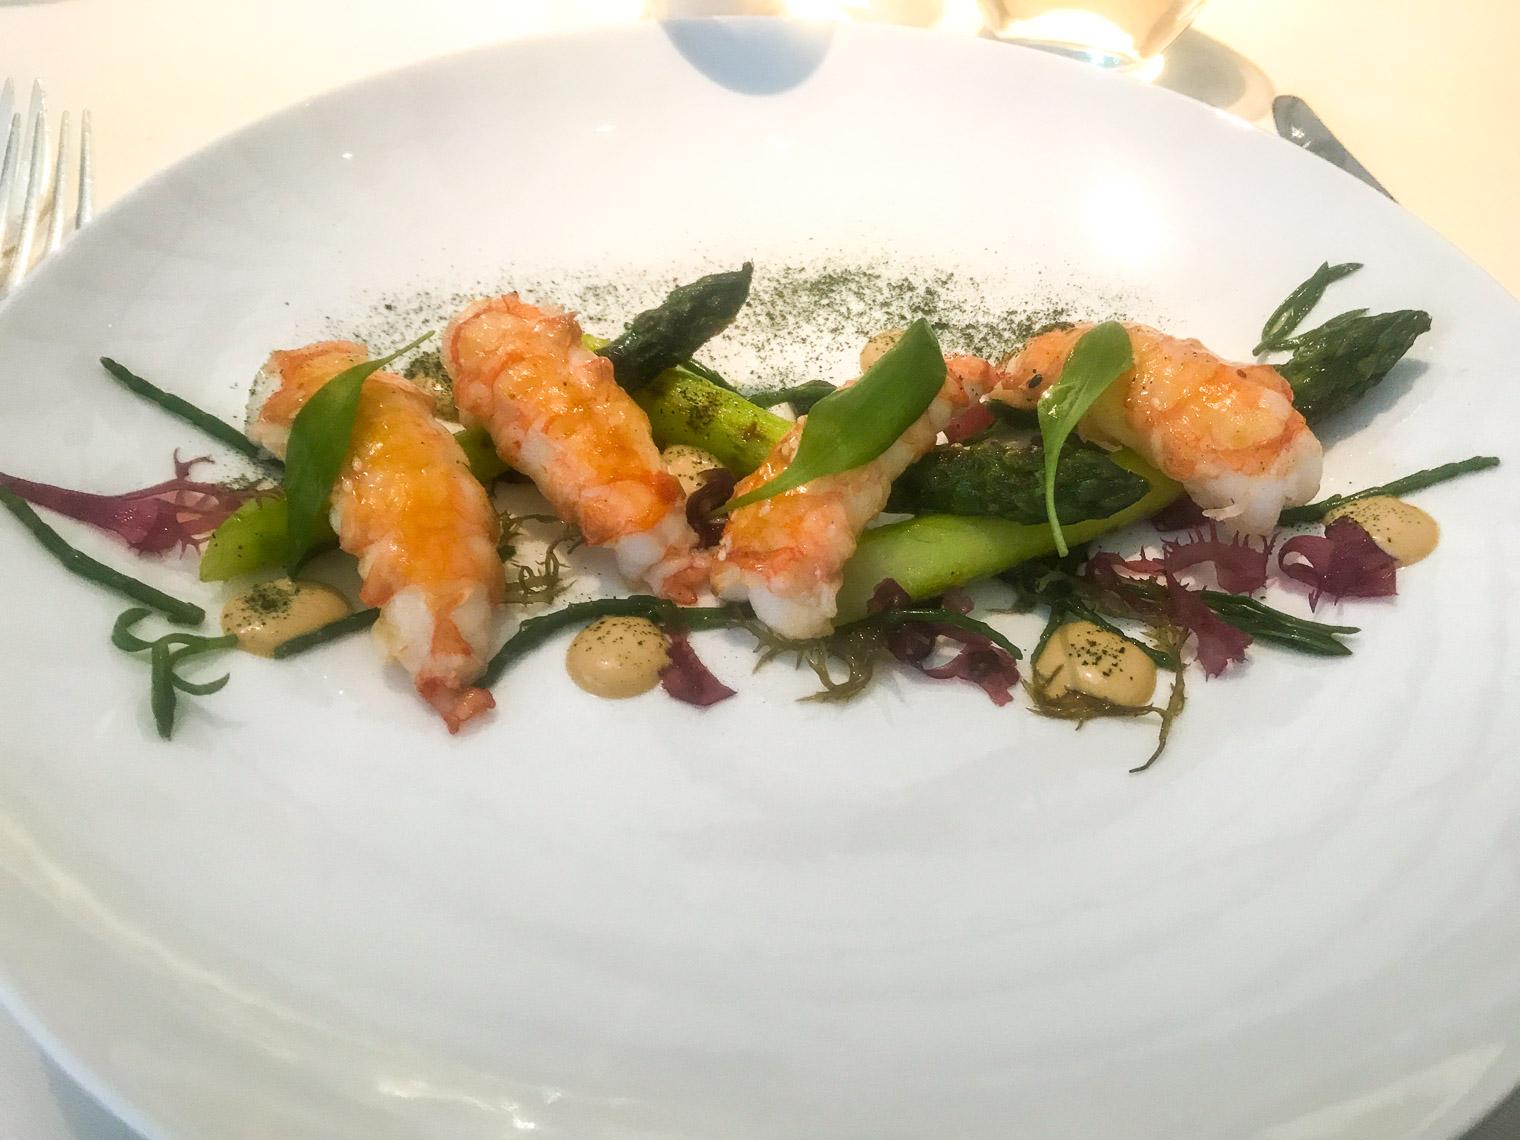 Langoustines with asparagus at Belmond Le Manoir restaurant Oxfordshire